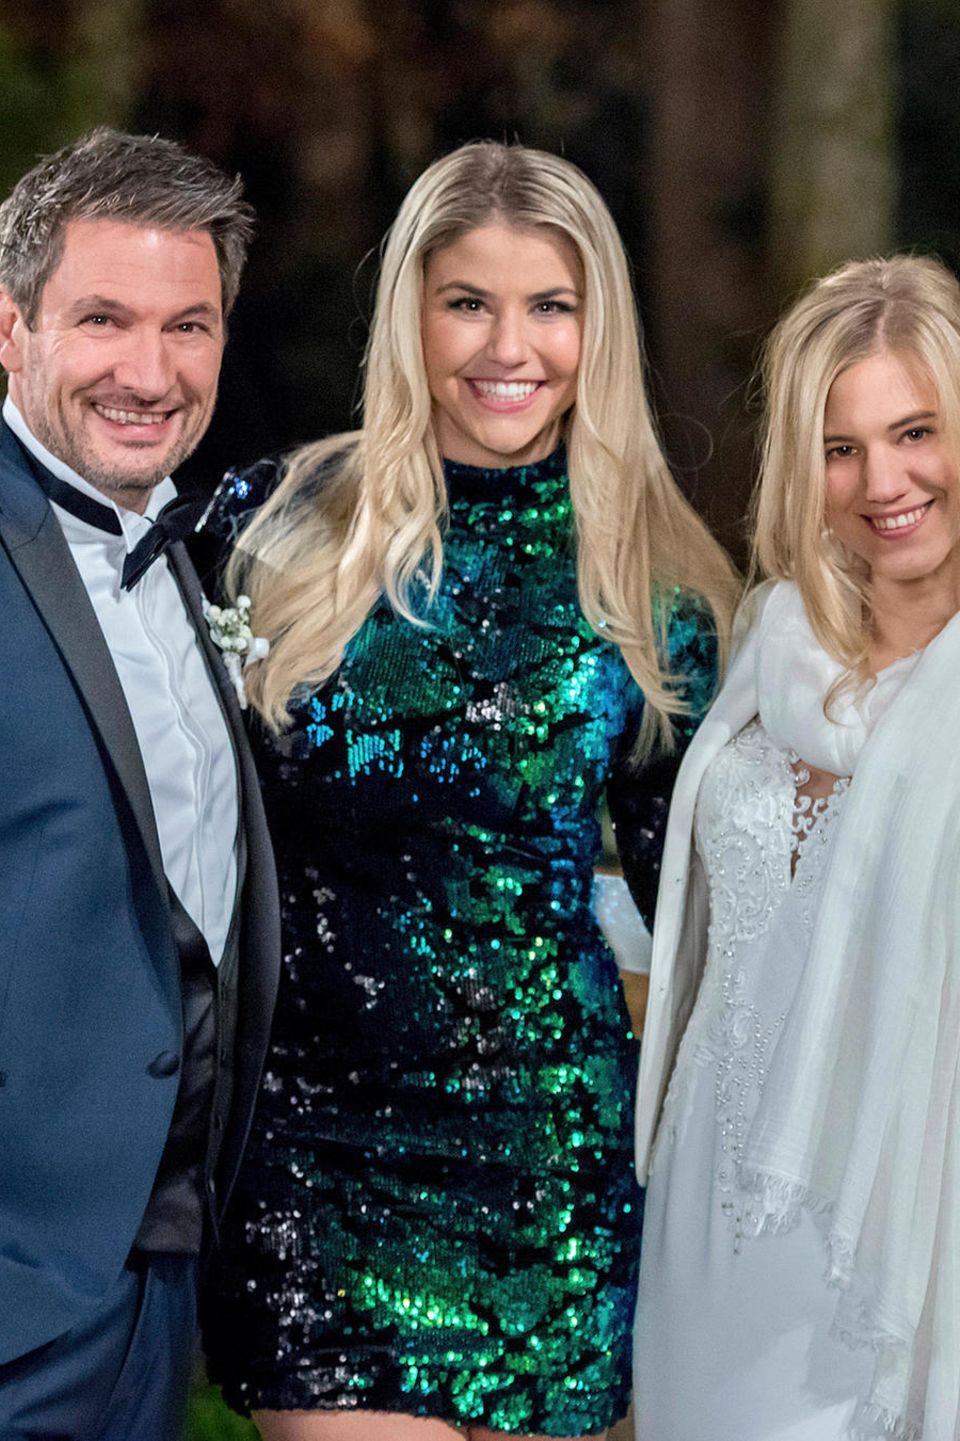 Dieter Bach (l.) und Larissa Marolt (r.) freuen sich bei ihrer Tv-Hochzeit über Besuch von Beatrice Egli (Mitte)